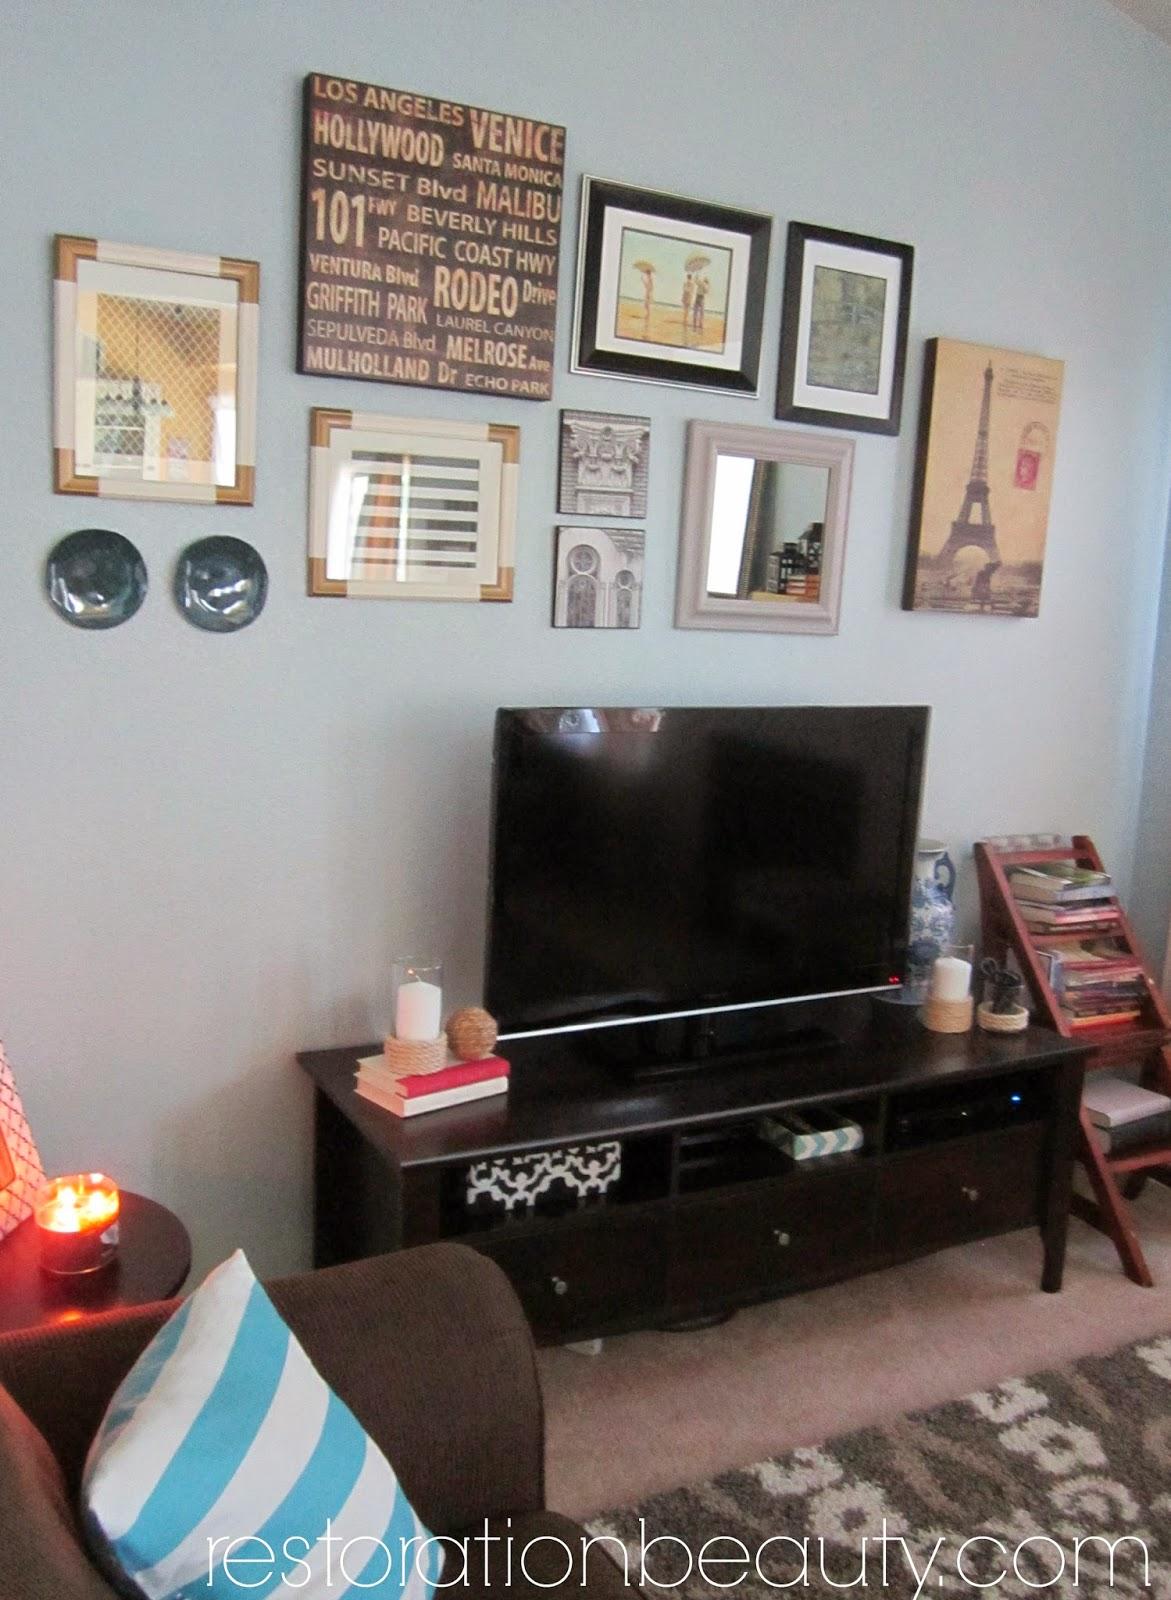 Restoration Beauty Living Room Spring Summer Updates